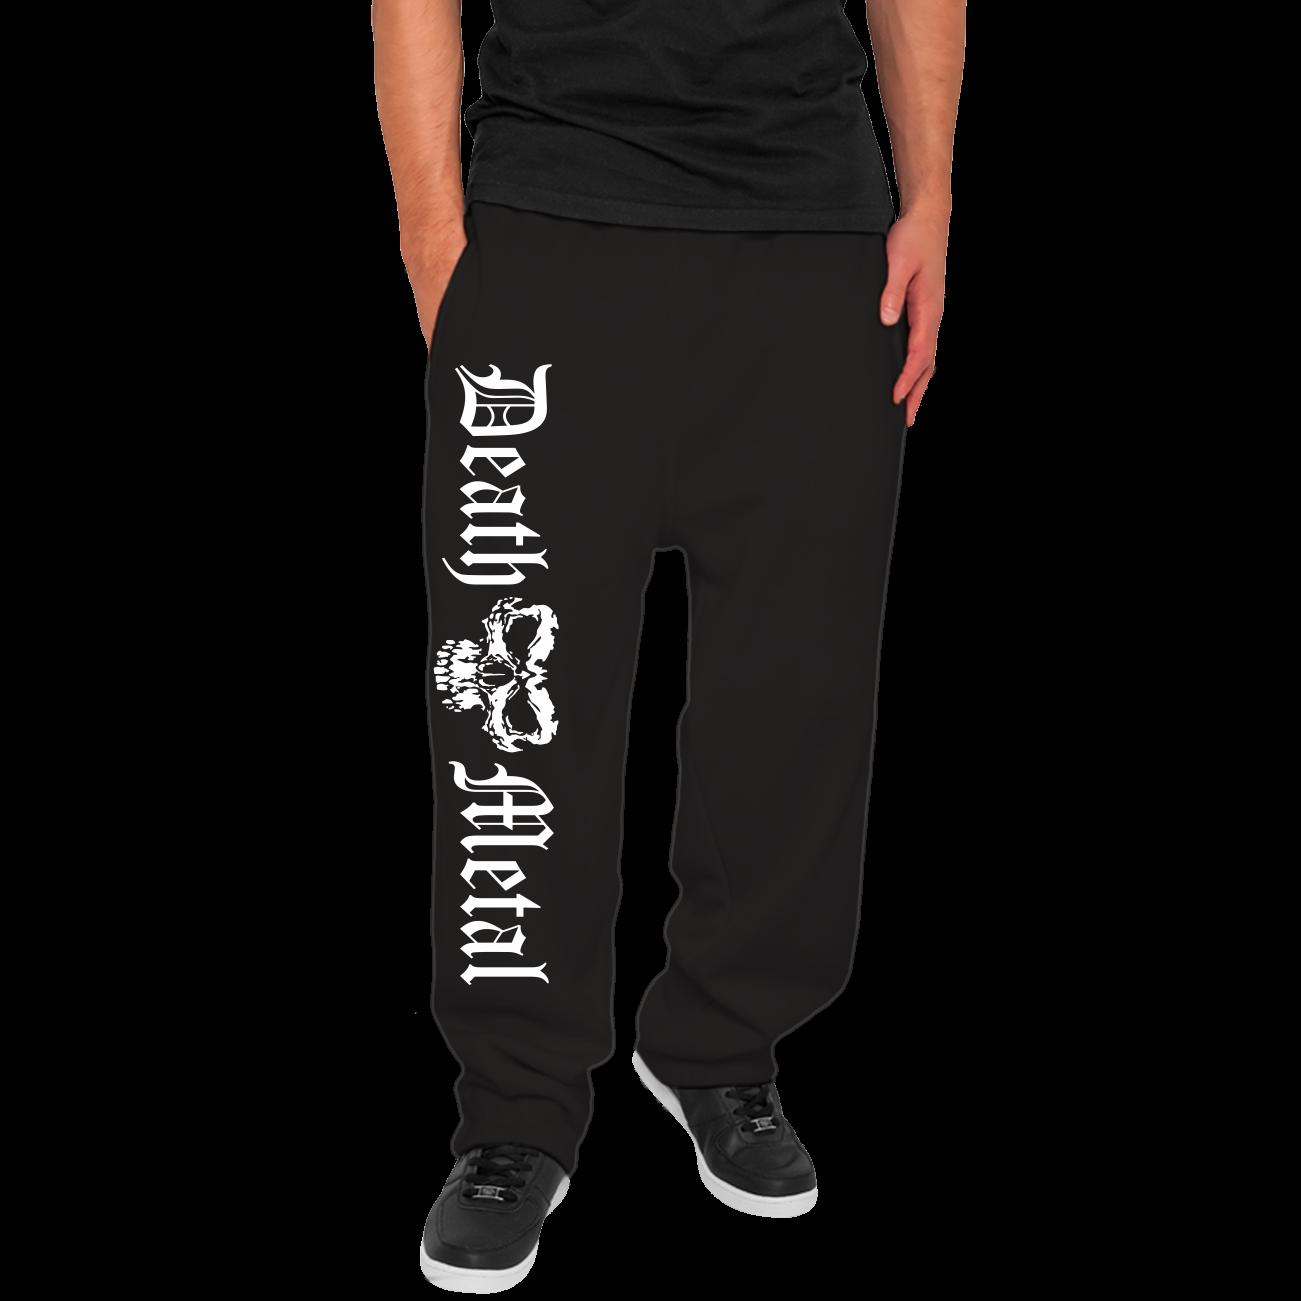 Urban jogginghos E Death Métal 5xl Sweatpant entraîneHommes t XS à 5xl Métal brutaleHommes t paillettes 666 6fd5ac